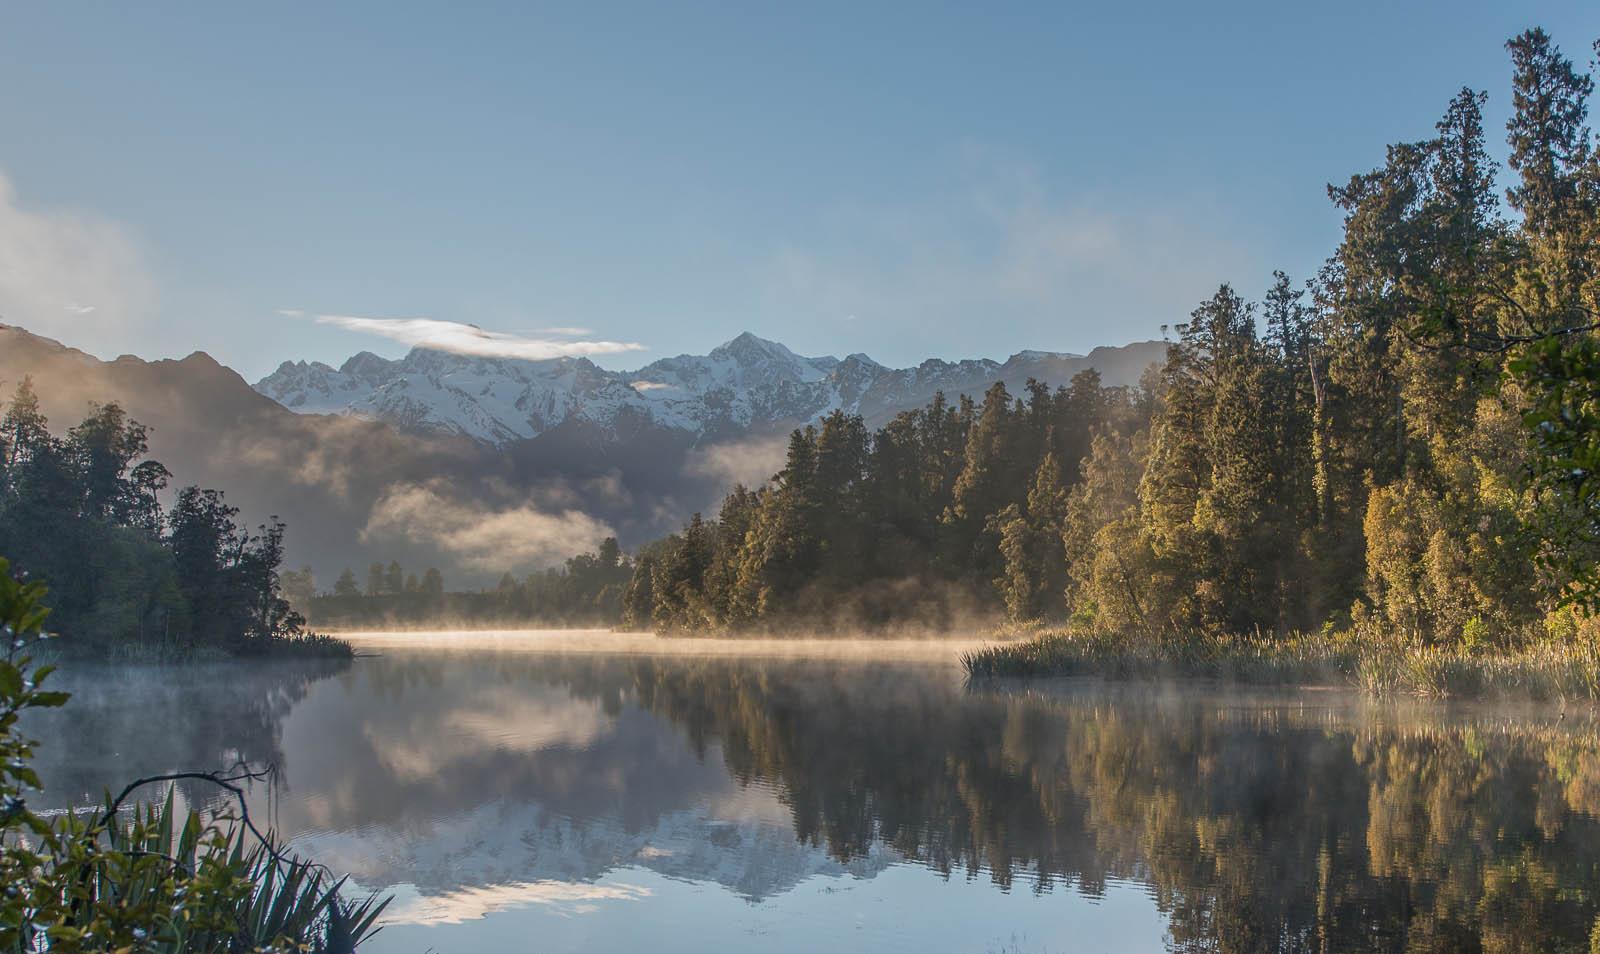 New Zealand - Lake Matheson at Sunrise - HDR step 1